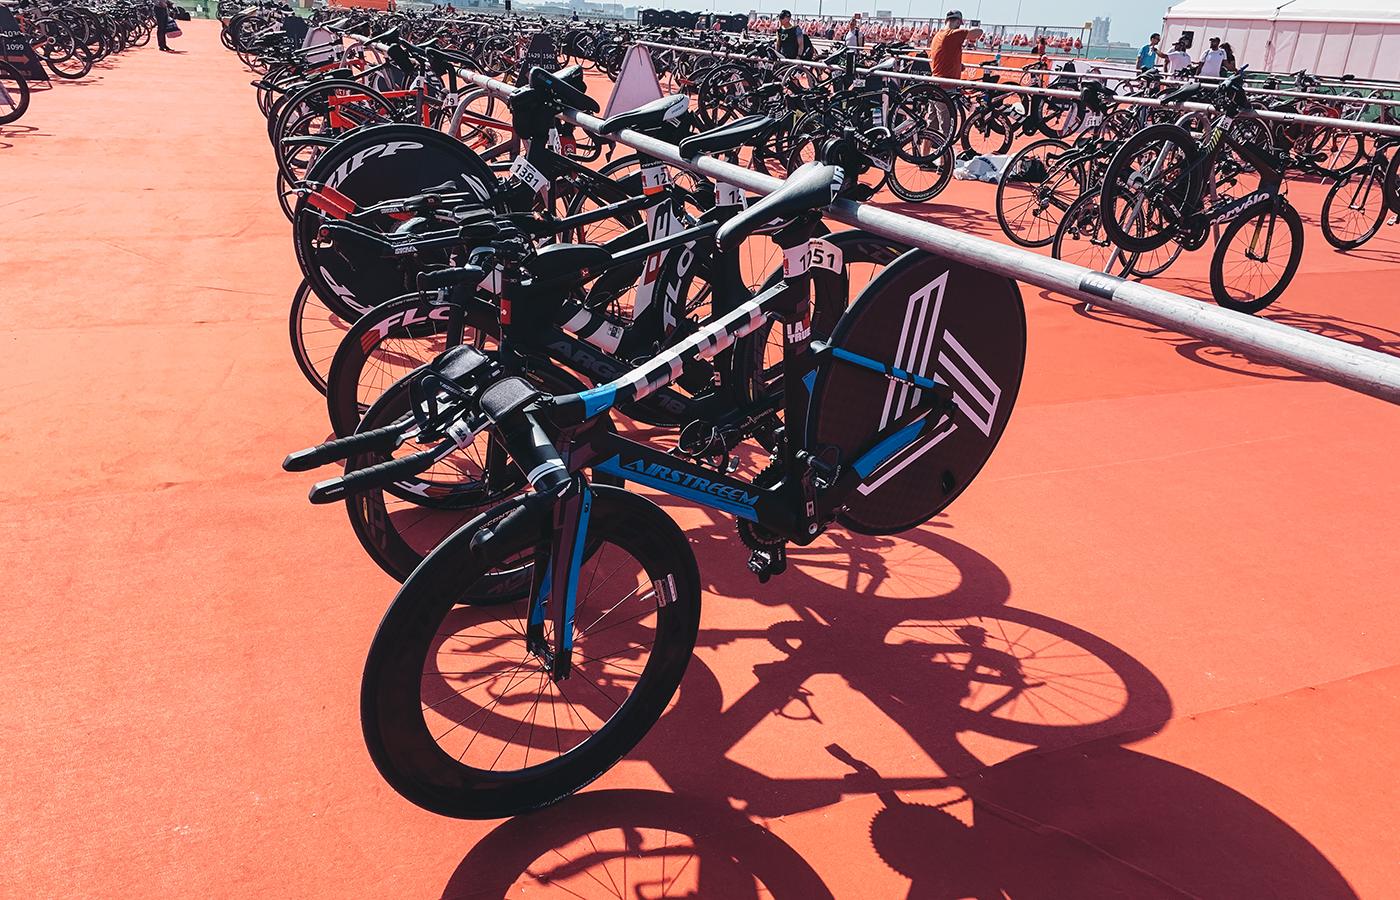 Hochprofilfelge und Scheibe im Wettkampfrad. Hier beim IRONMAN 70.3 in Dubai